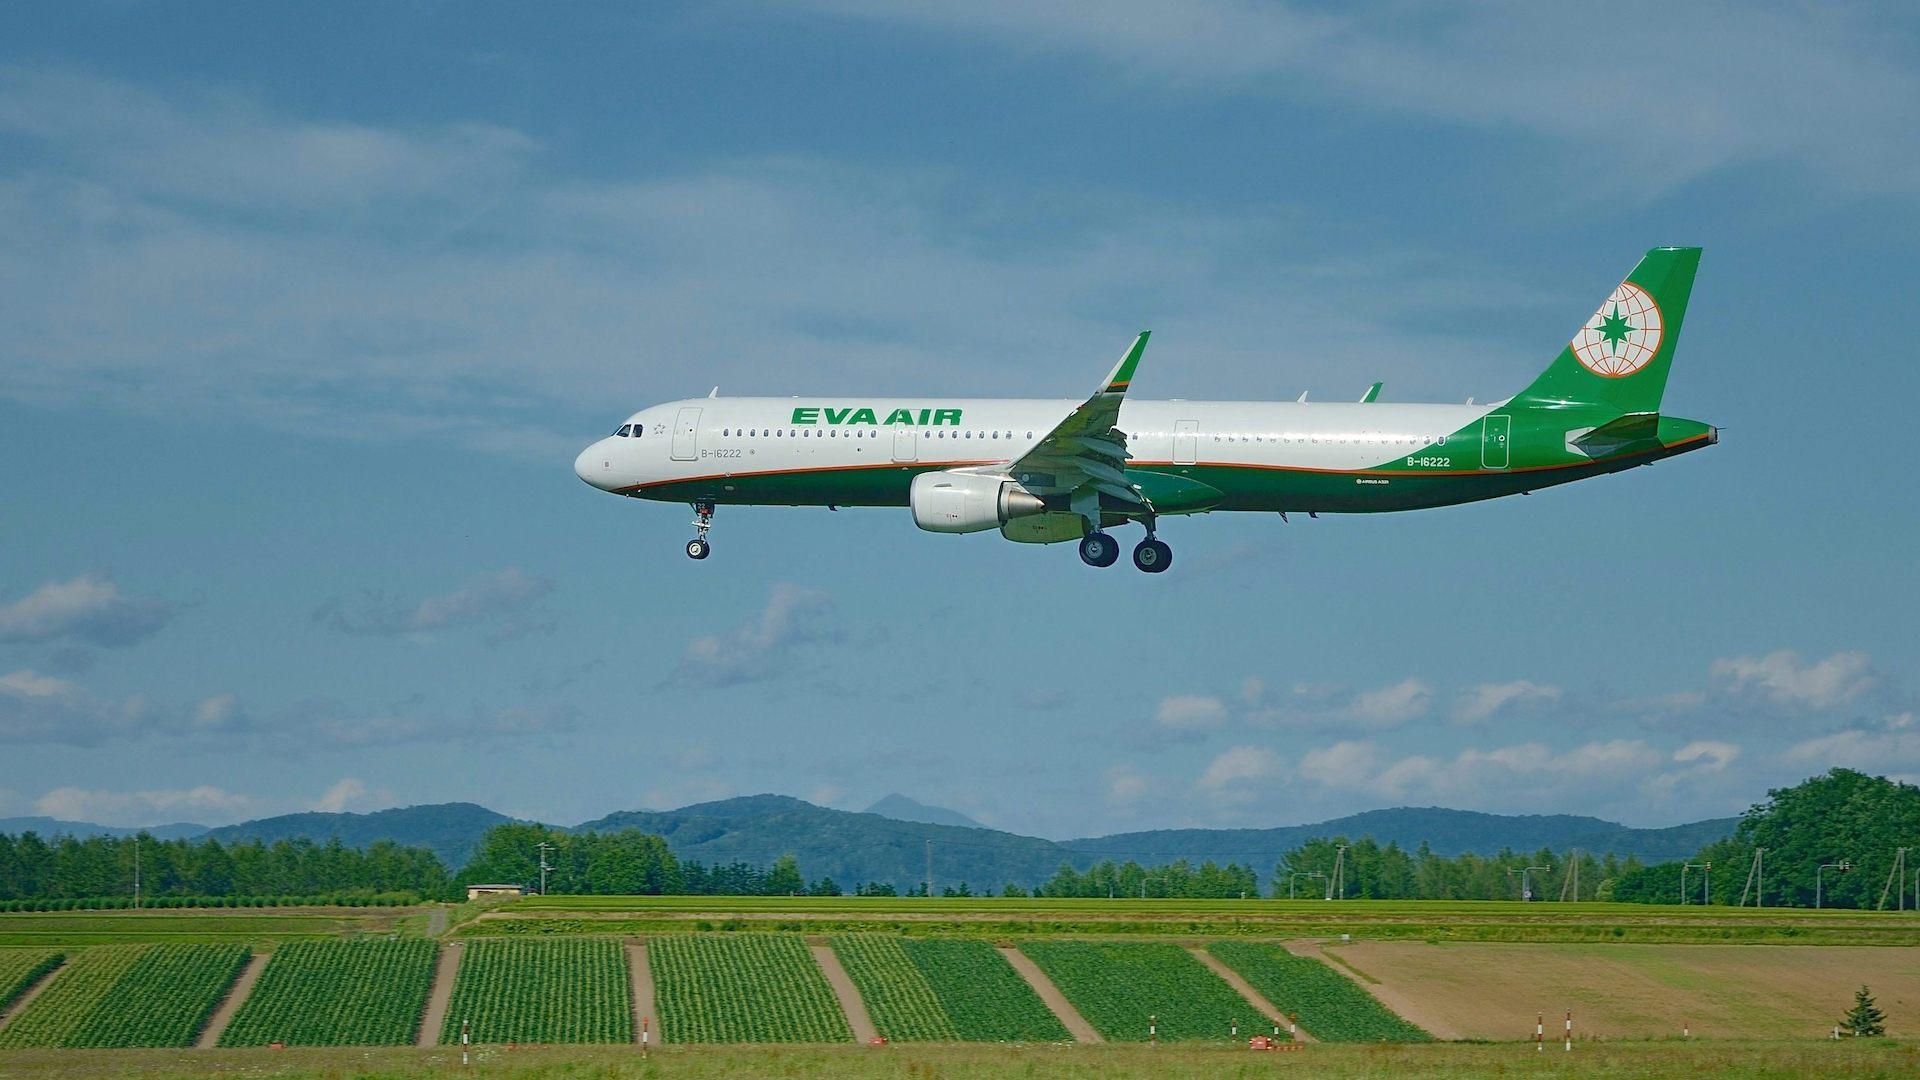 ¿Ansiosos por volver a volar? Una aerolínea ofrece un viaje sin destino